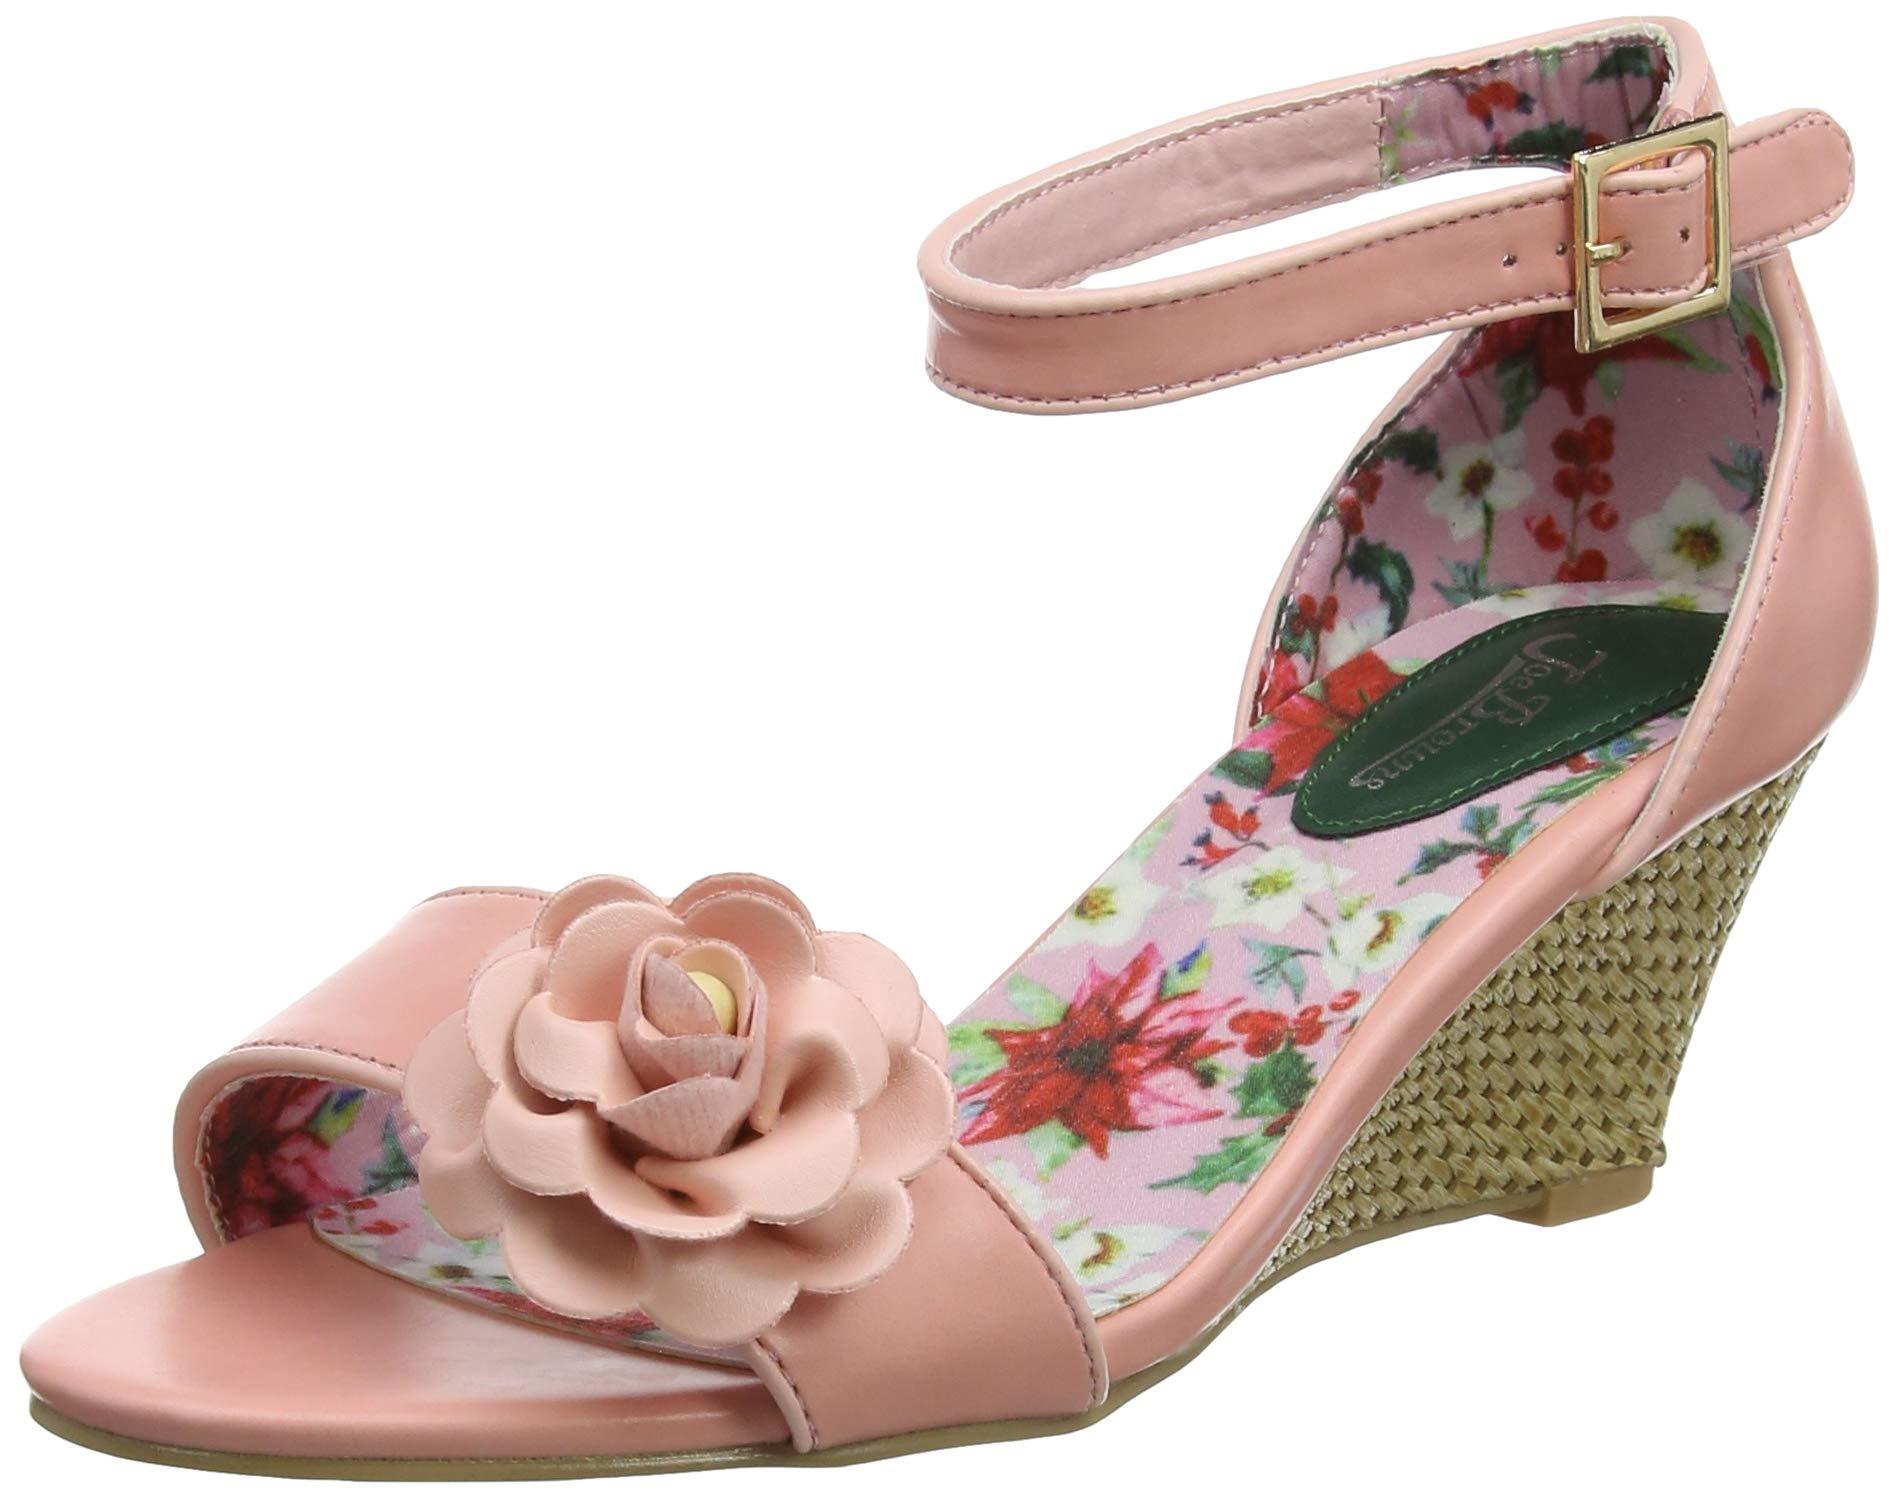 Joe FemmeRosepink Bout Browns Garden A In Bloom Ouvert Eu A36 ShoesEscarpins uwXlOPZTik